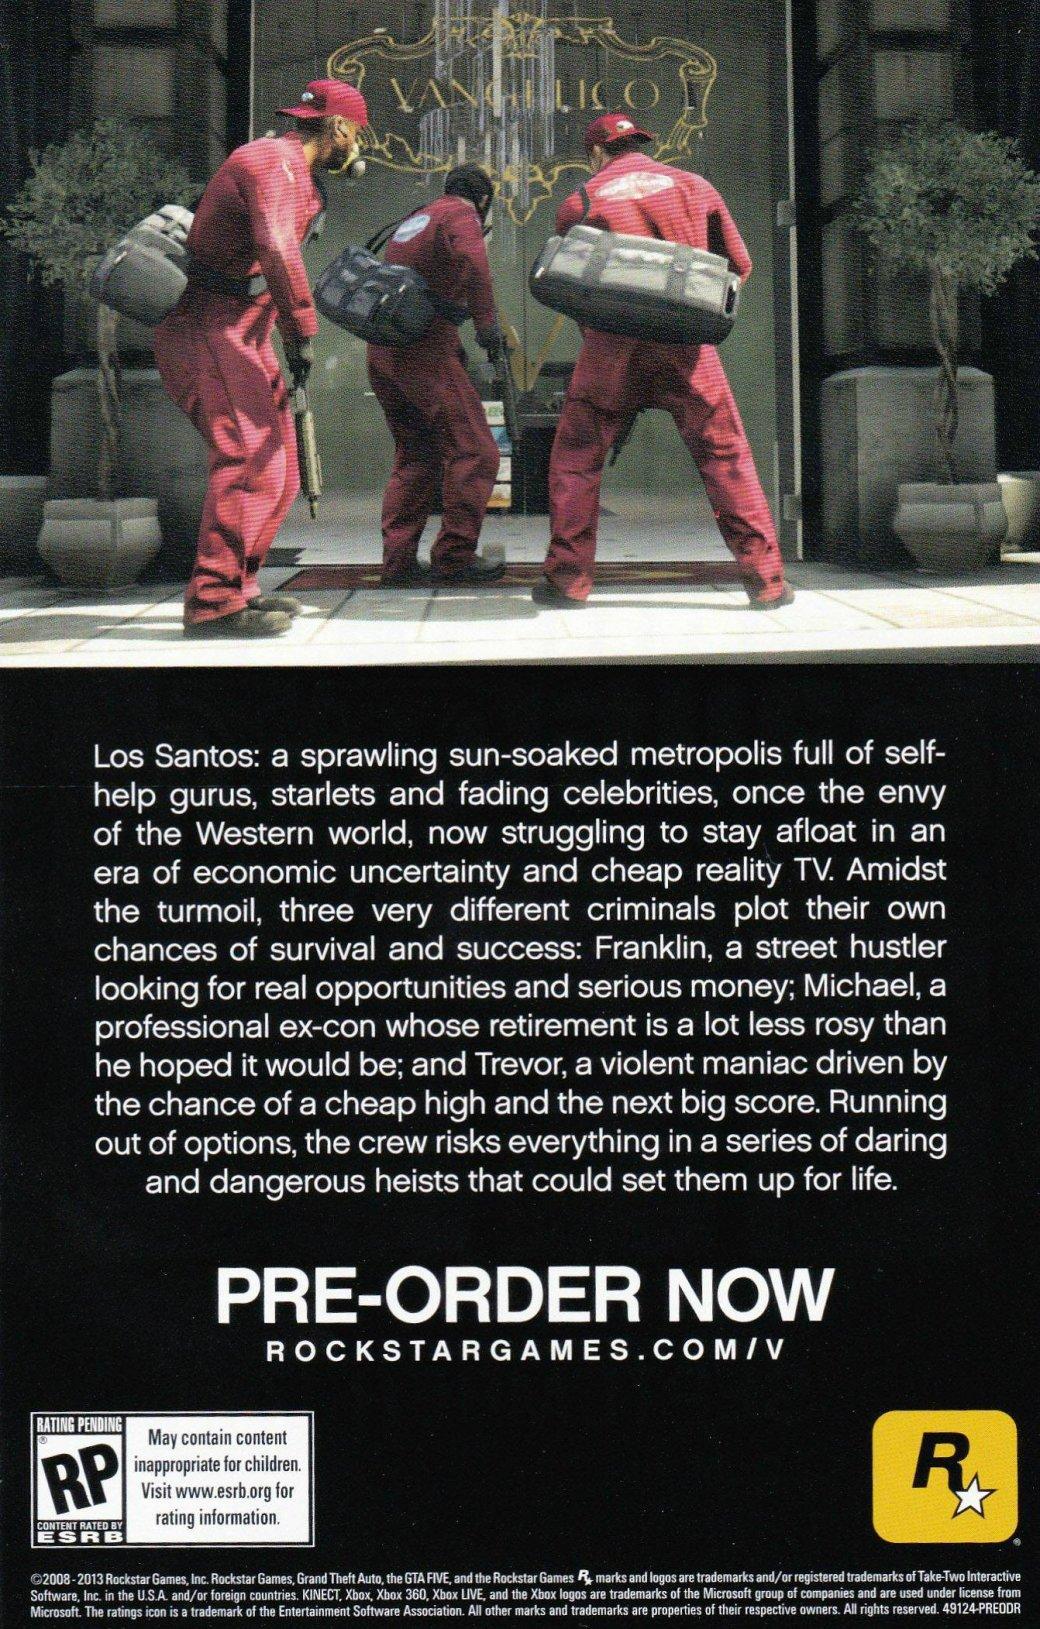 Рекламный постер GTA V нашли в коробке от Red Dead Redemption | Канобу - Изображение 2